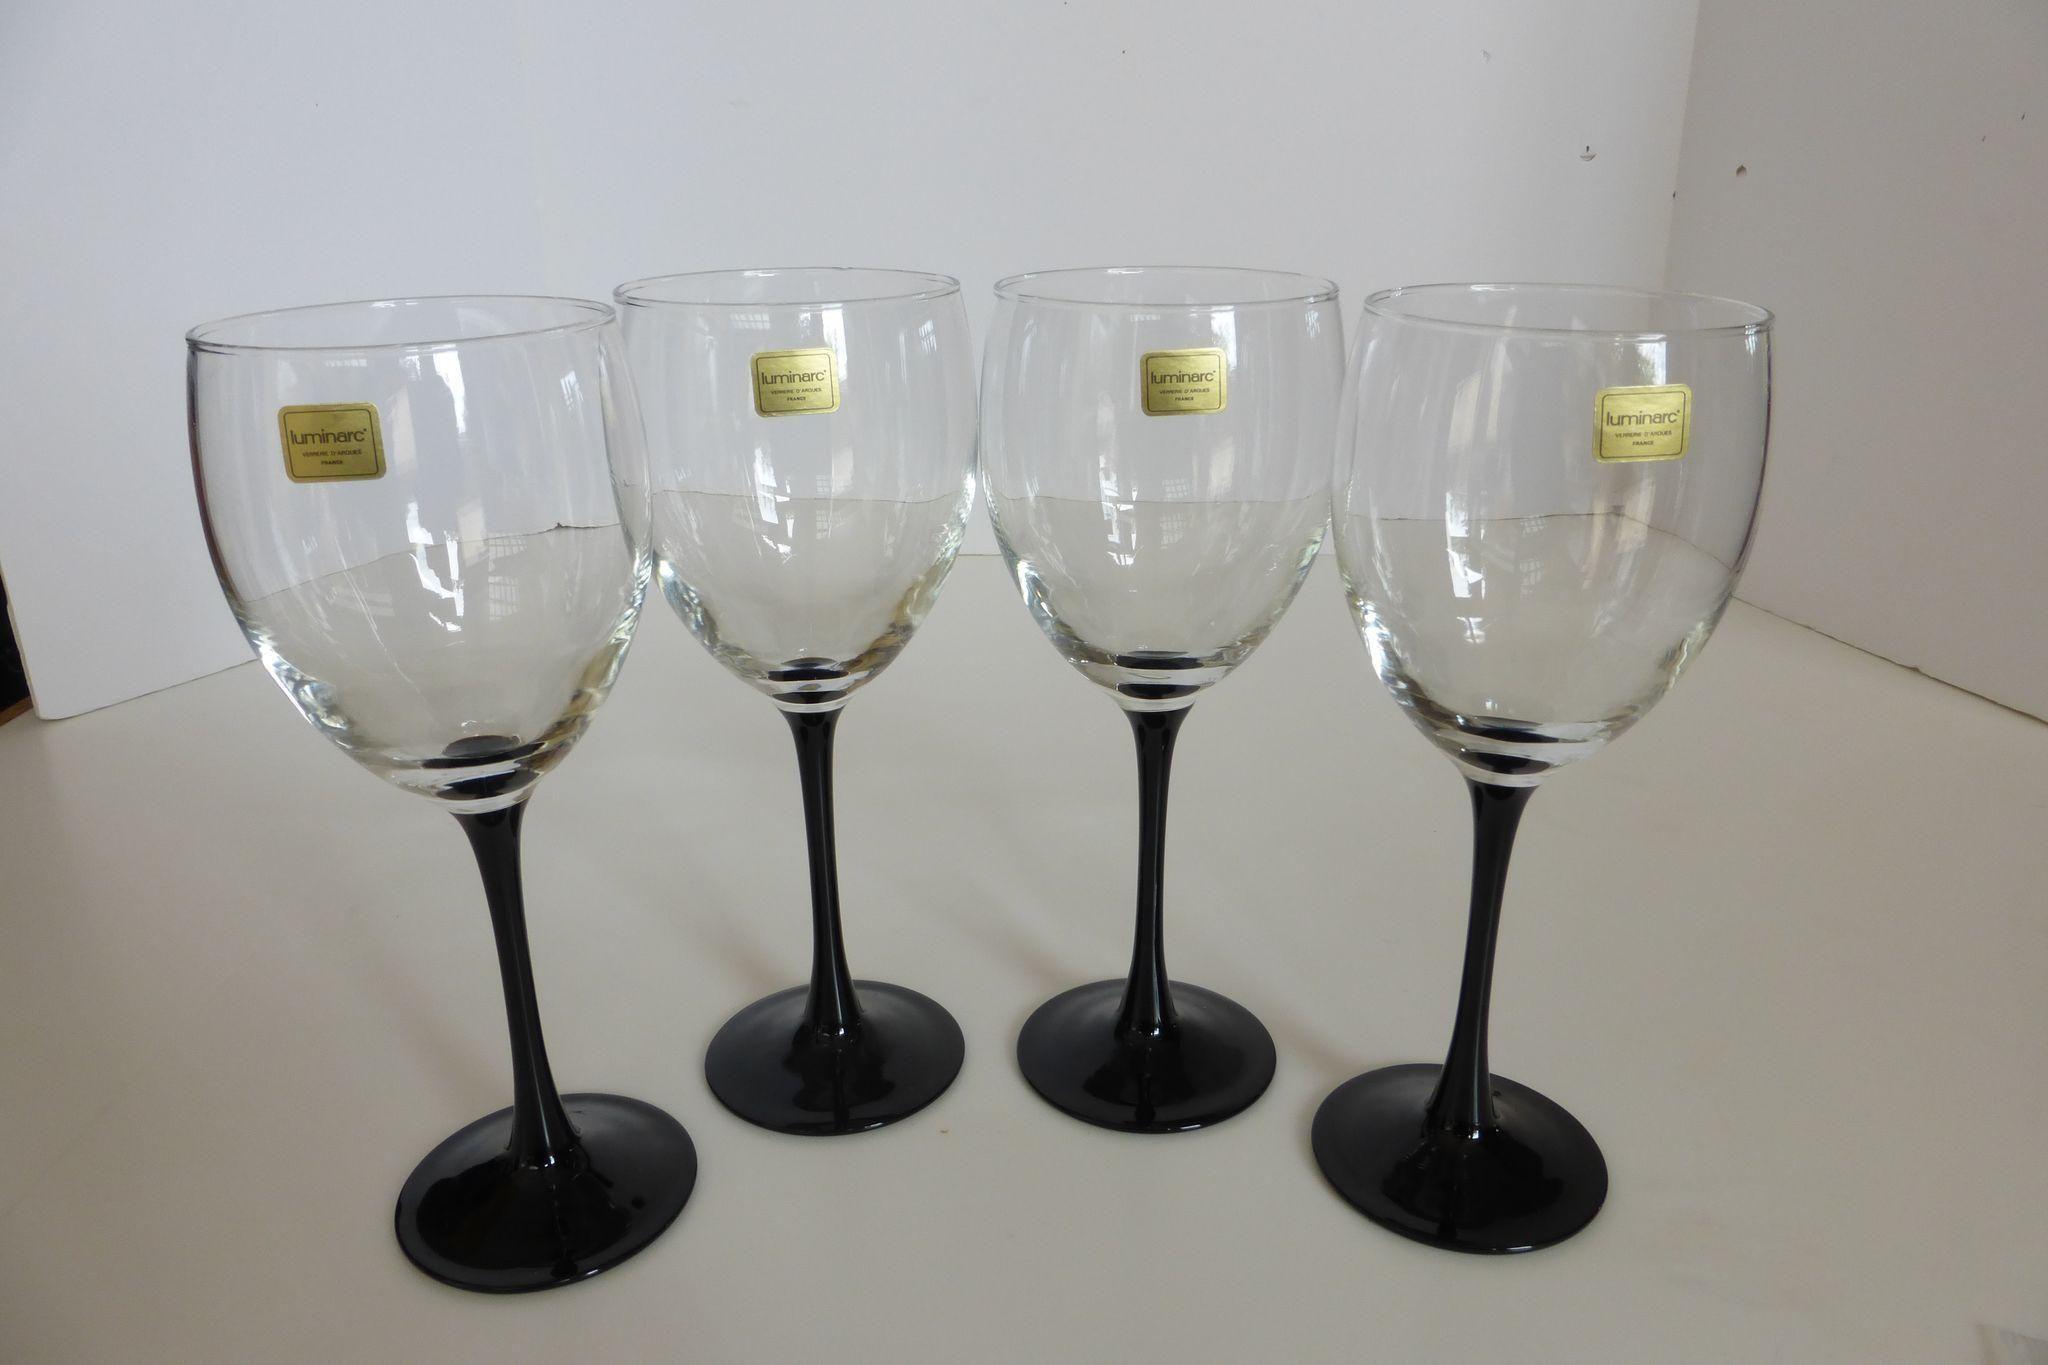 bf4d9431979 Vintage Luminarc France Black Stem Crystal Wine Glasses Set of 4 ...